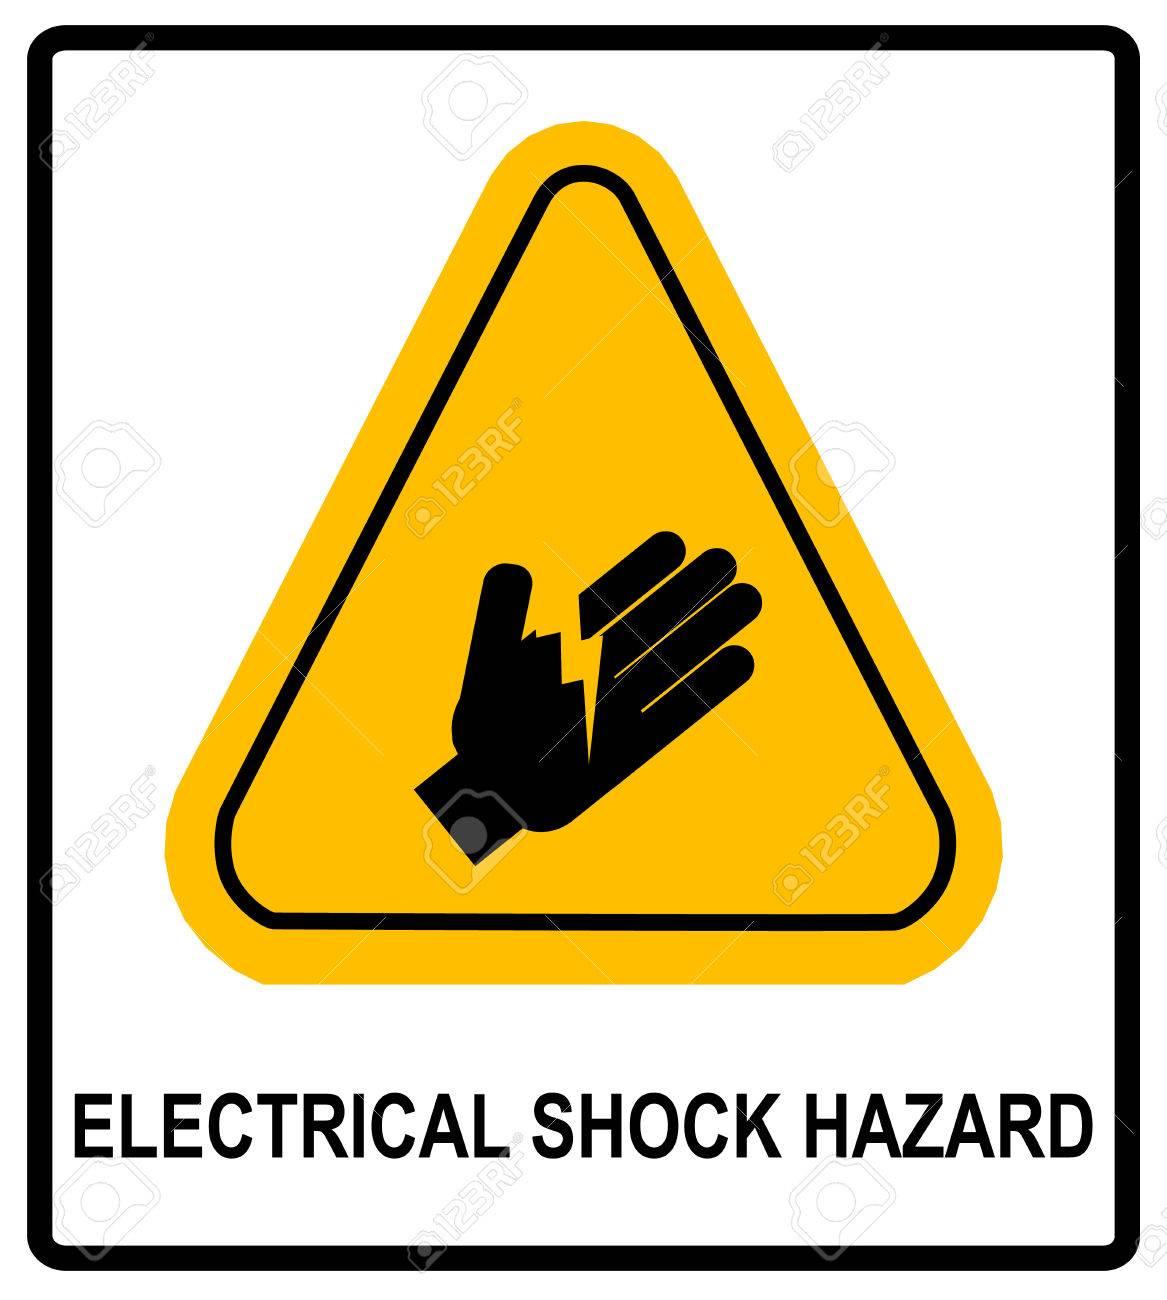 X hazard symbol gallery symbol and sign ideas electrical shock hazard symbol vector illustration with warning electrical shock hazard symbol vector illustration with warning biocorpaavc Gallery